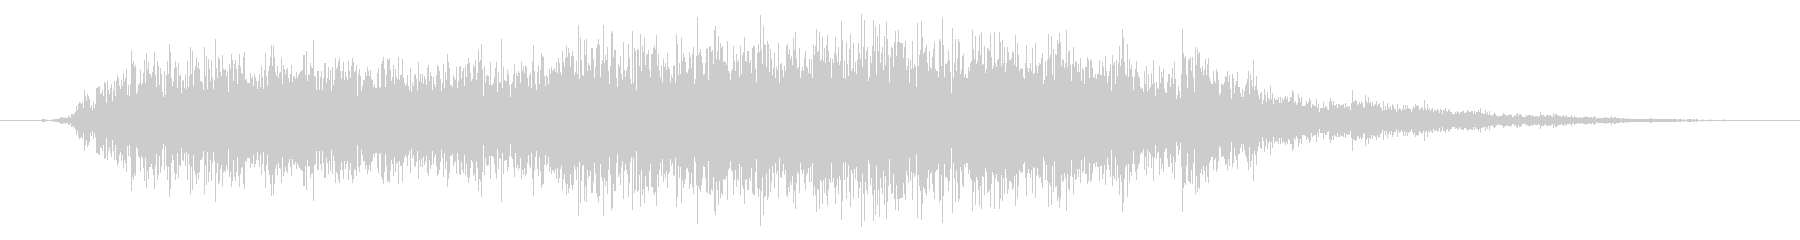 スパッタリングスライシングフーシ7の未再生の波形